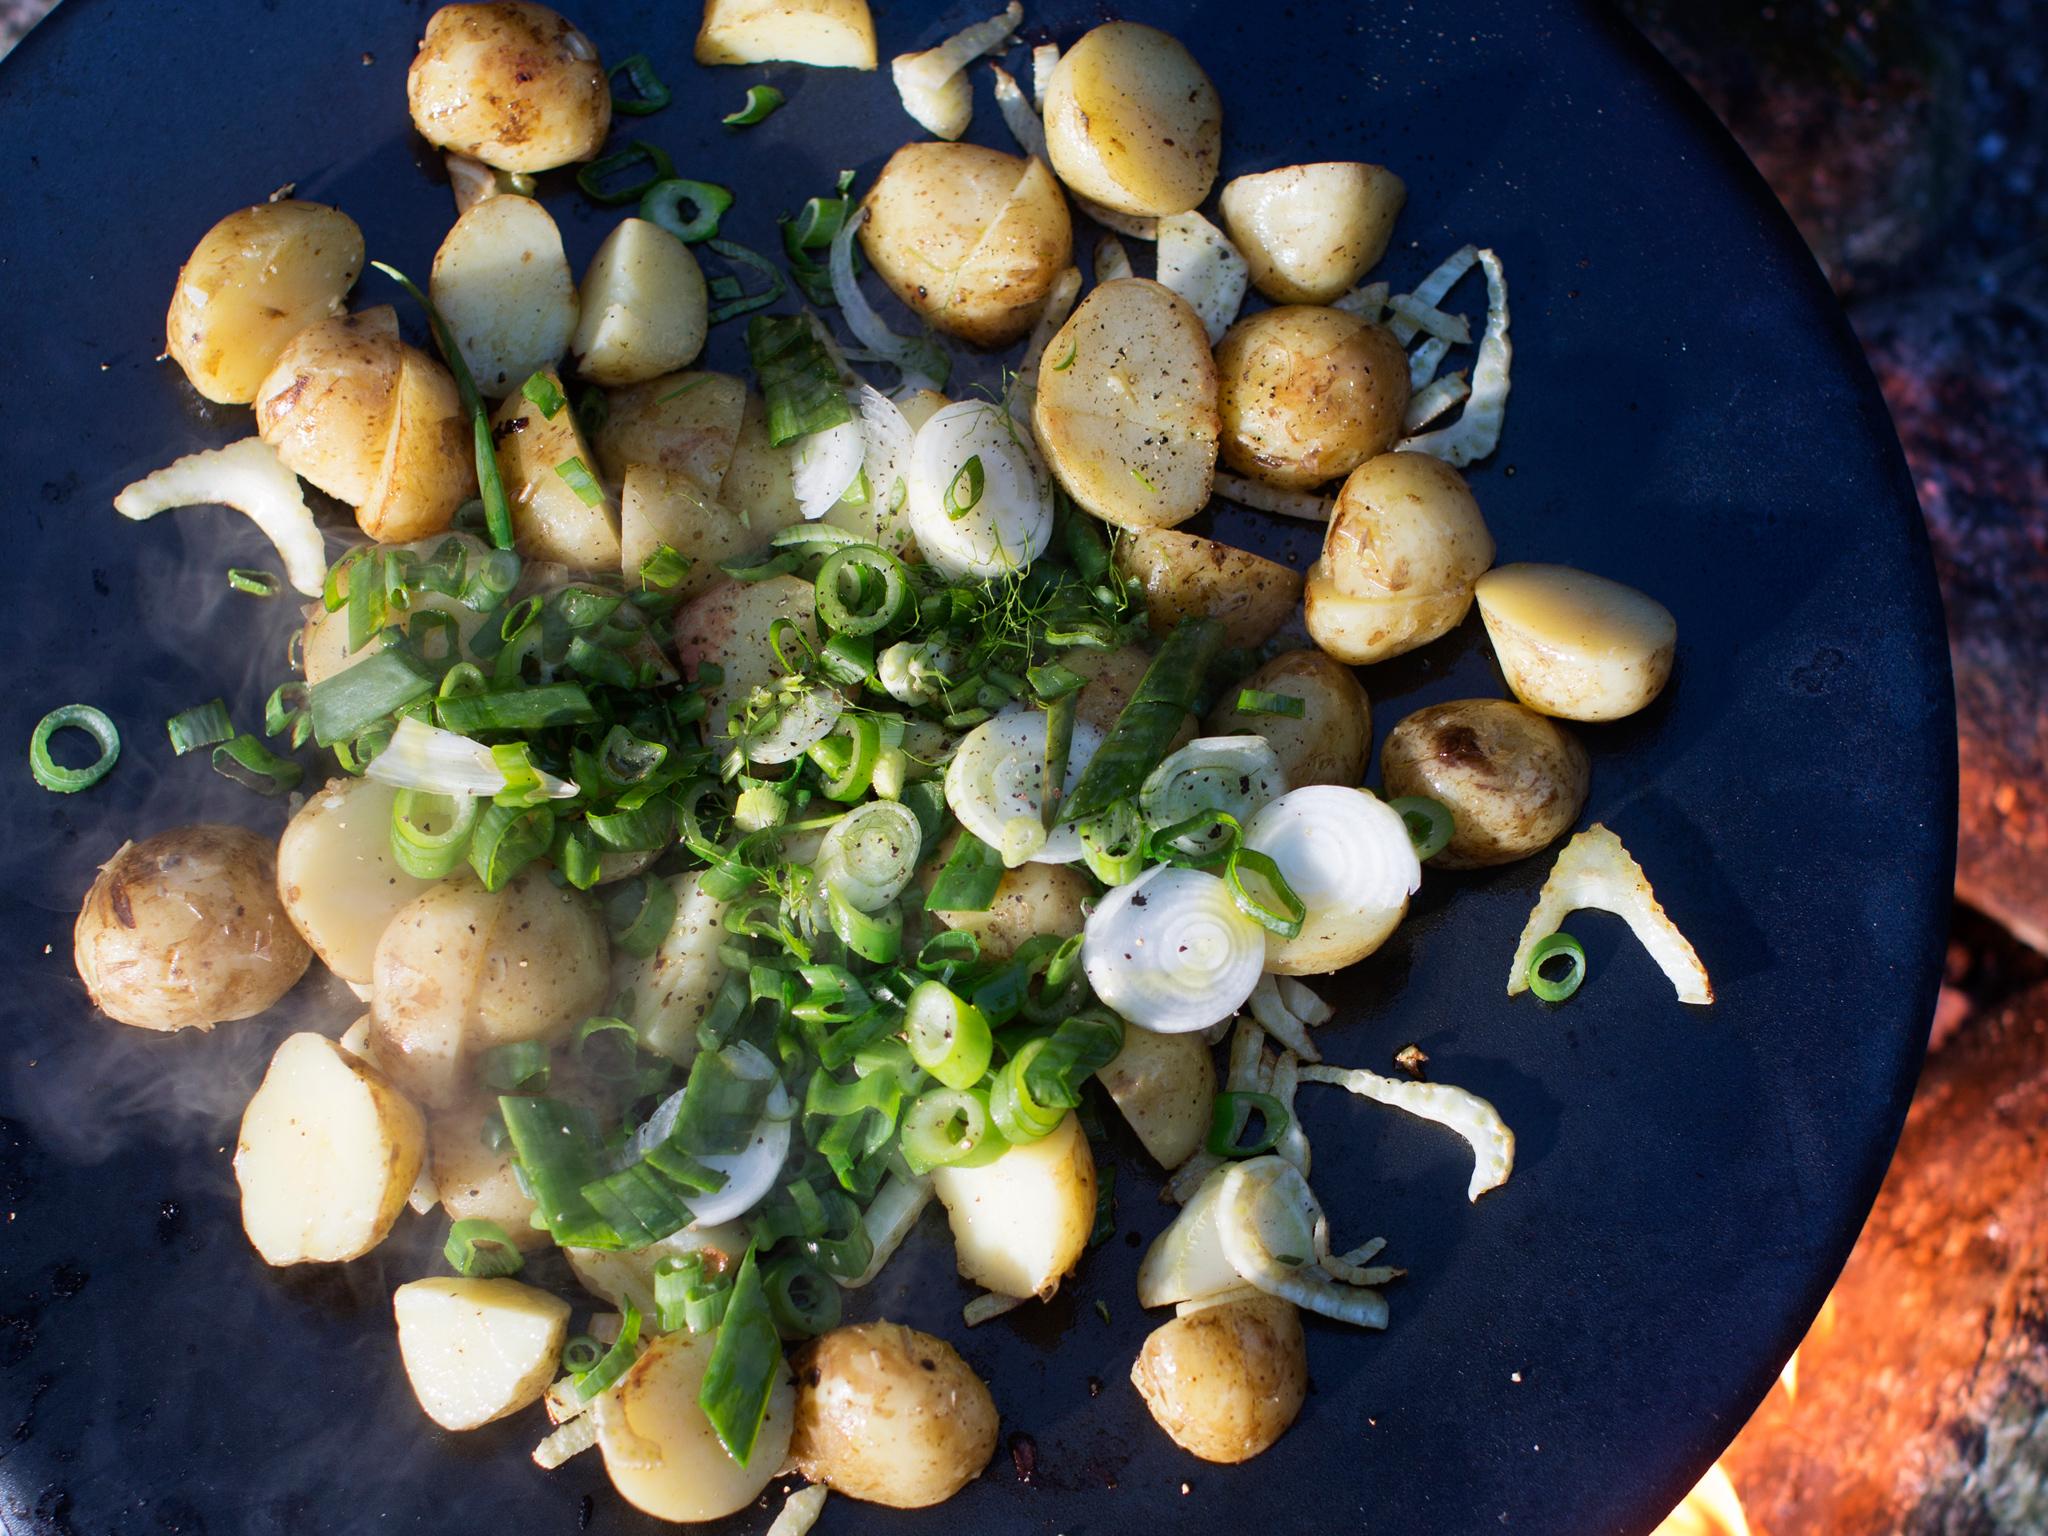 lämmin peruna-sipulisalaatti